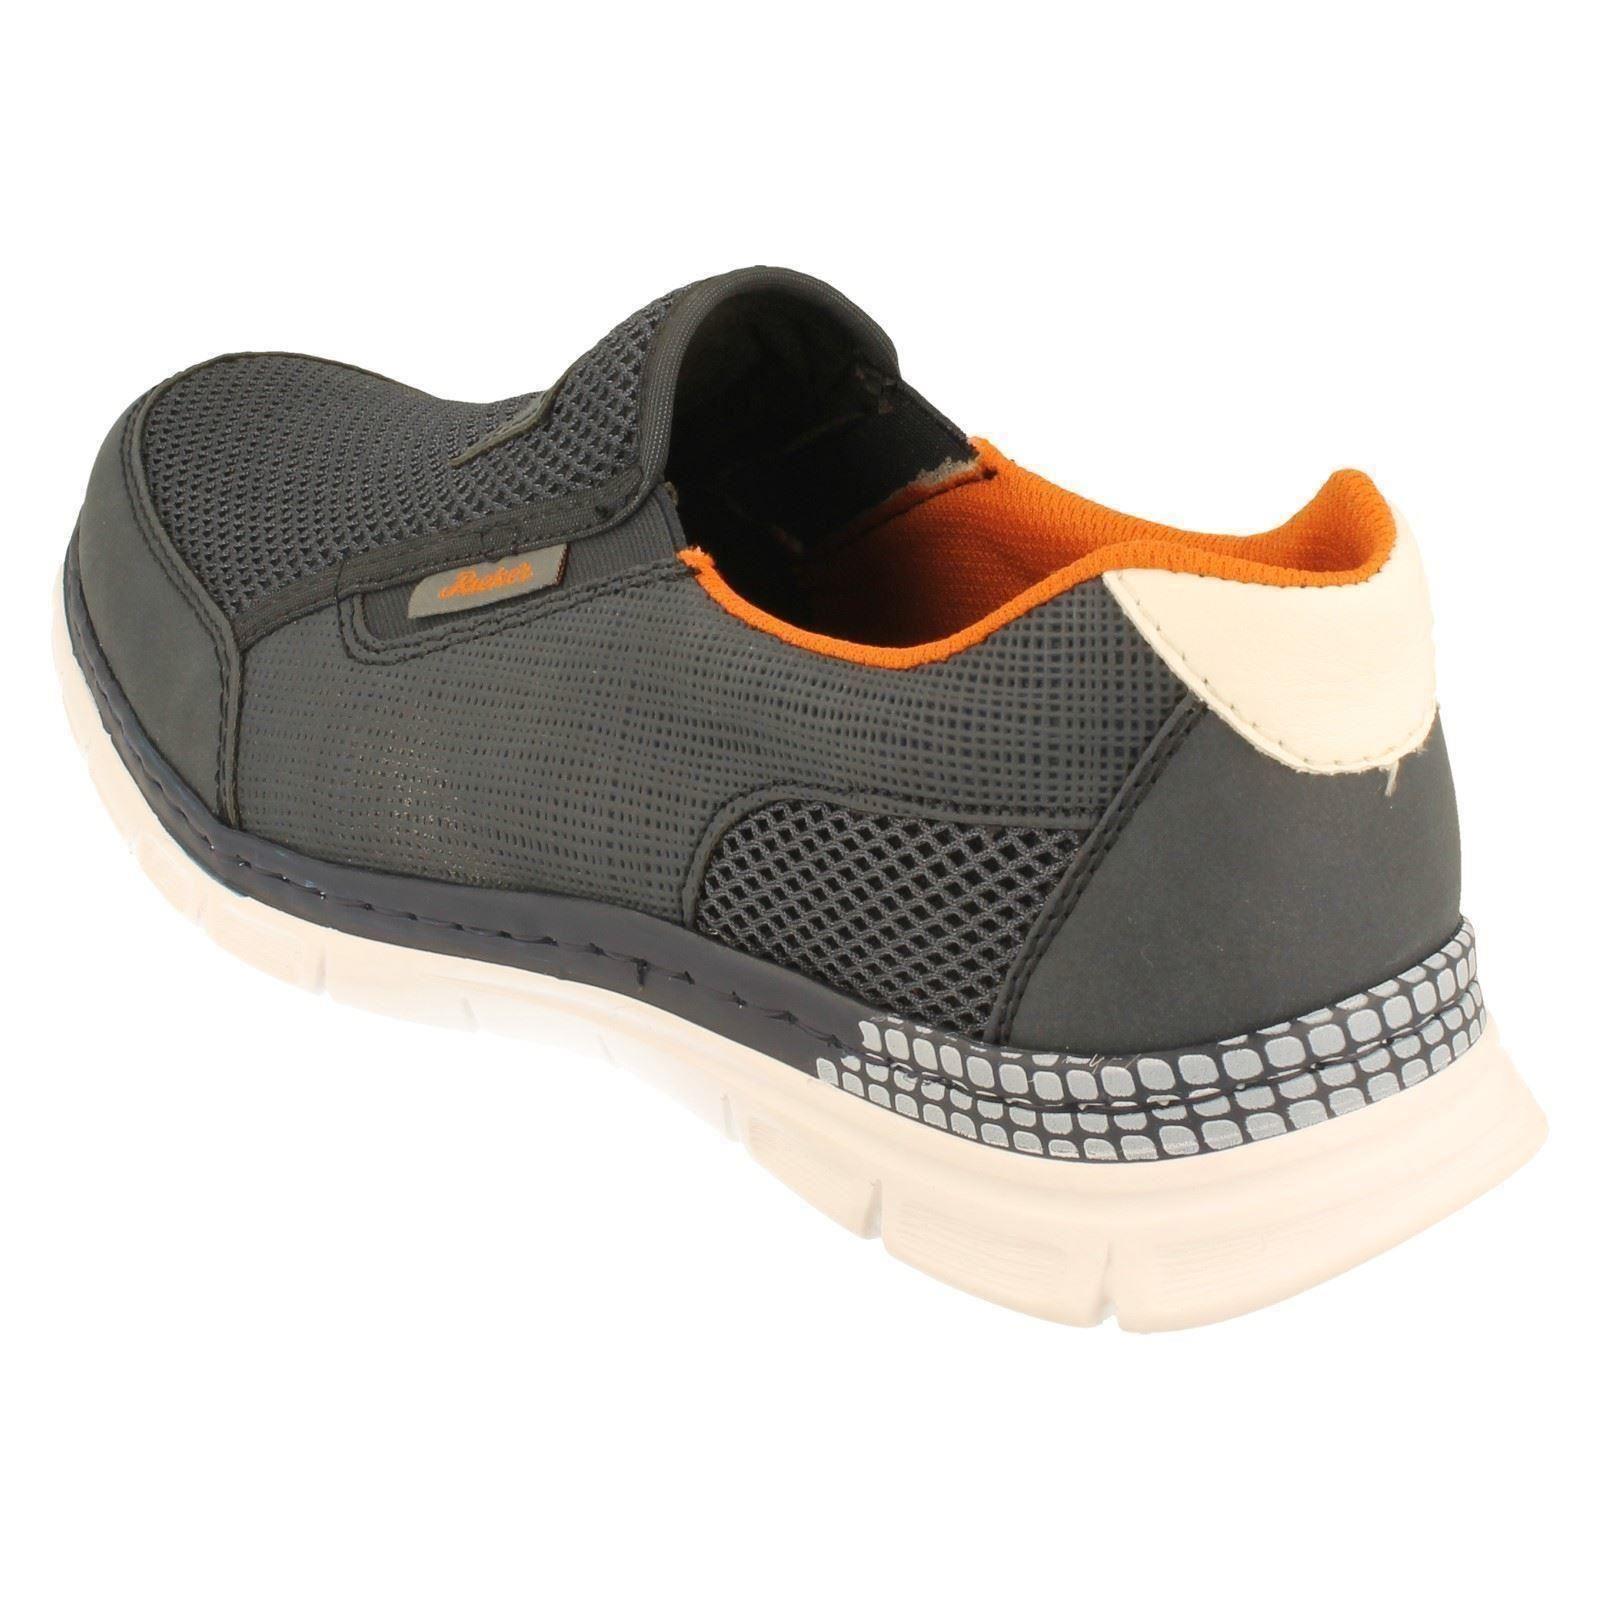 Mens Rieker Casual Shoe Style B4870 -W